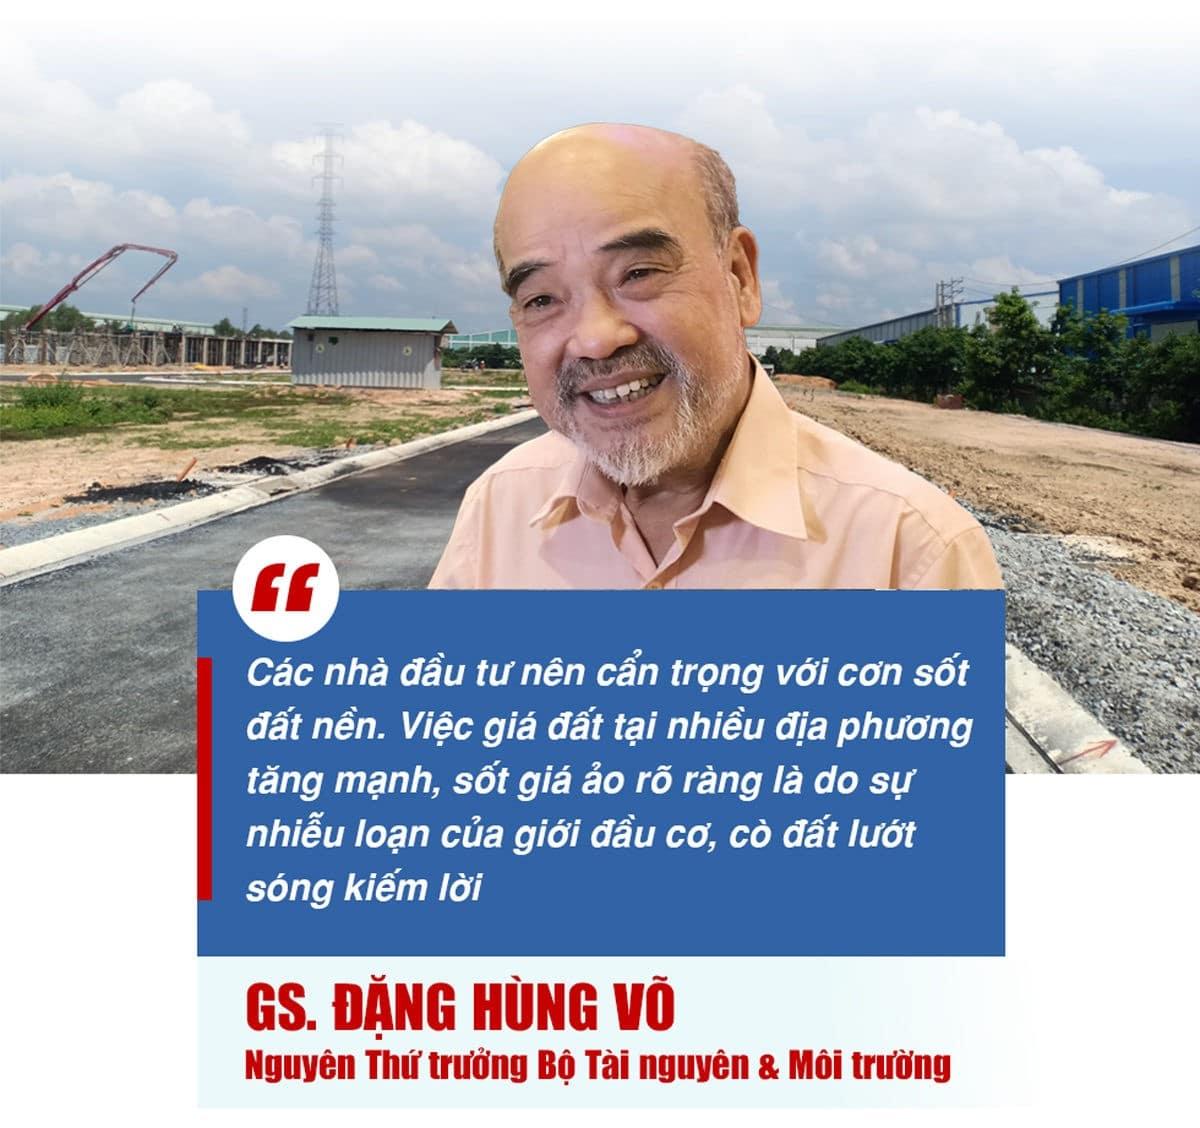 dang hung vo thu truong bo tai nguyen moi truong - TOÀN CẢNH THỊ TRƯỜNG BDS 2019: SÓNG GIÓ & NHIỀU BIẾN ĐỘNG